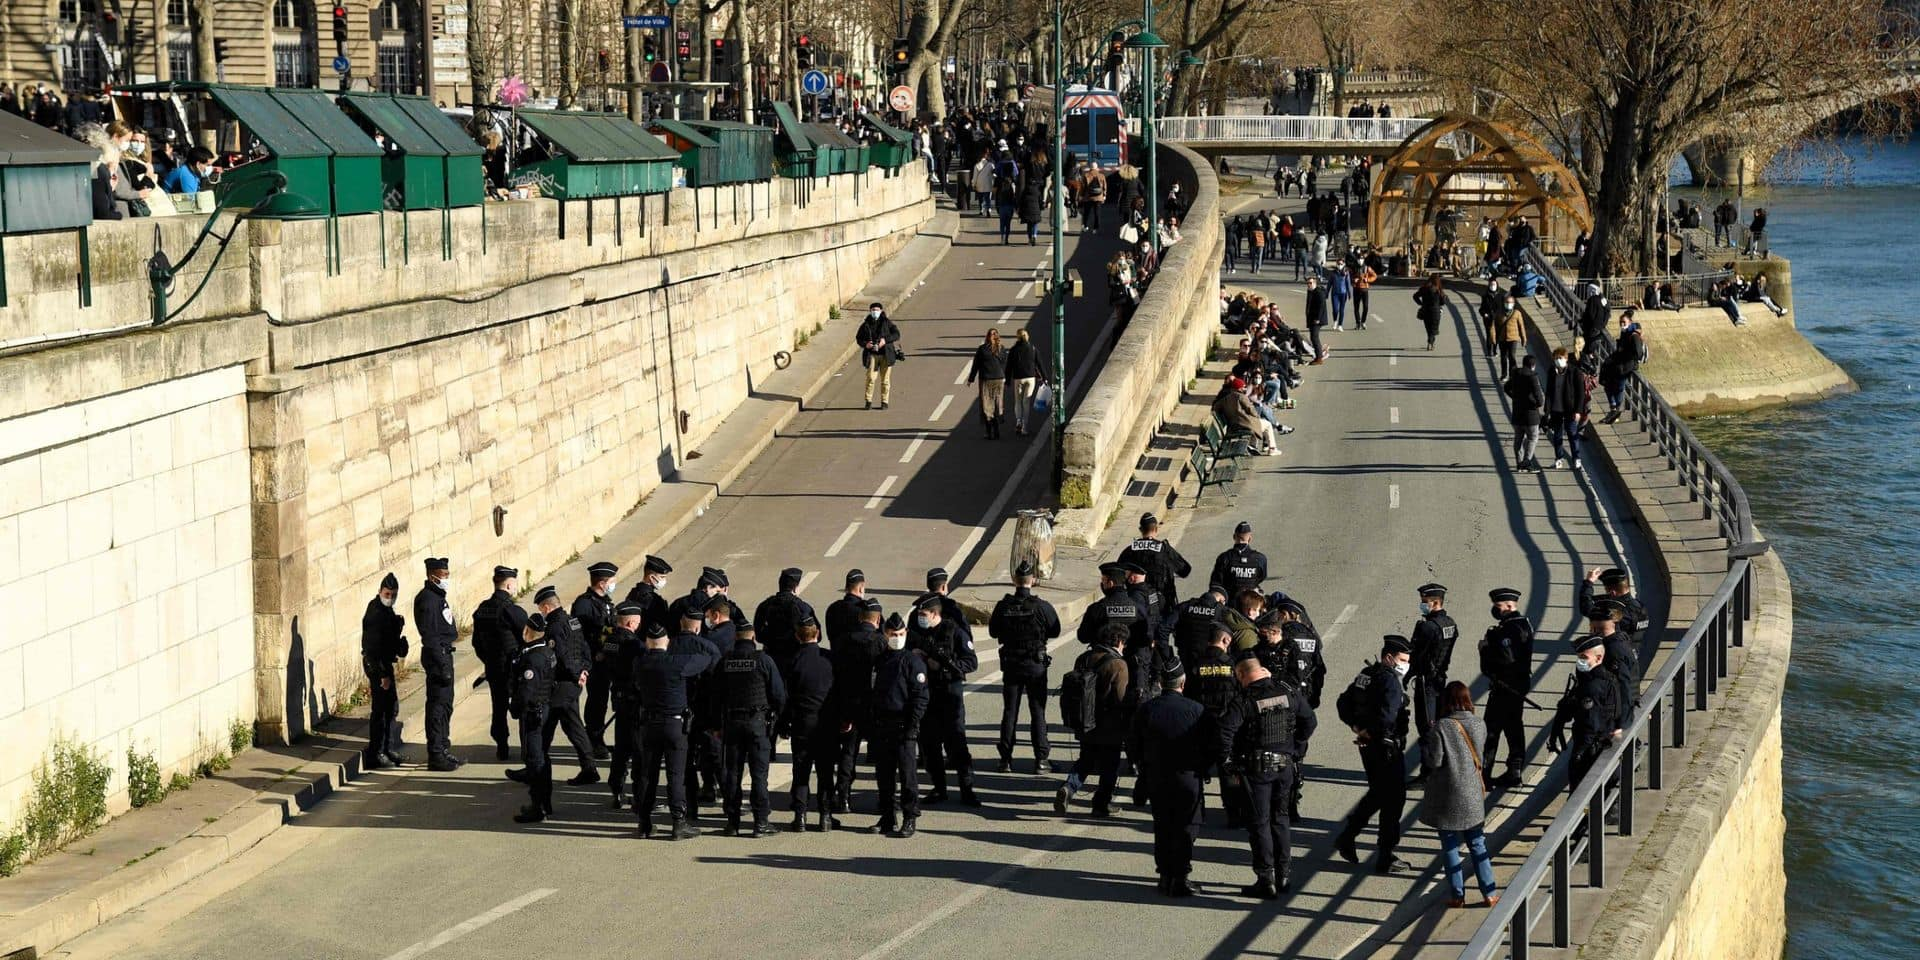 Les quais de Seine bondés à Paris, la police intervient